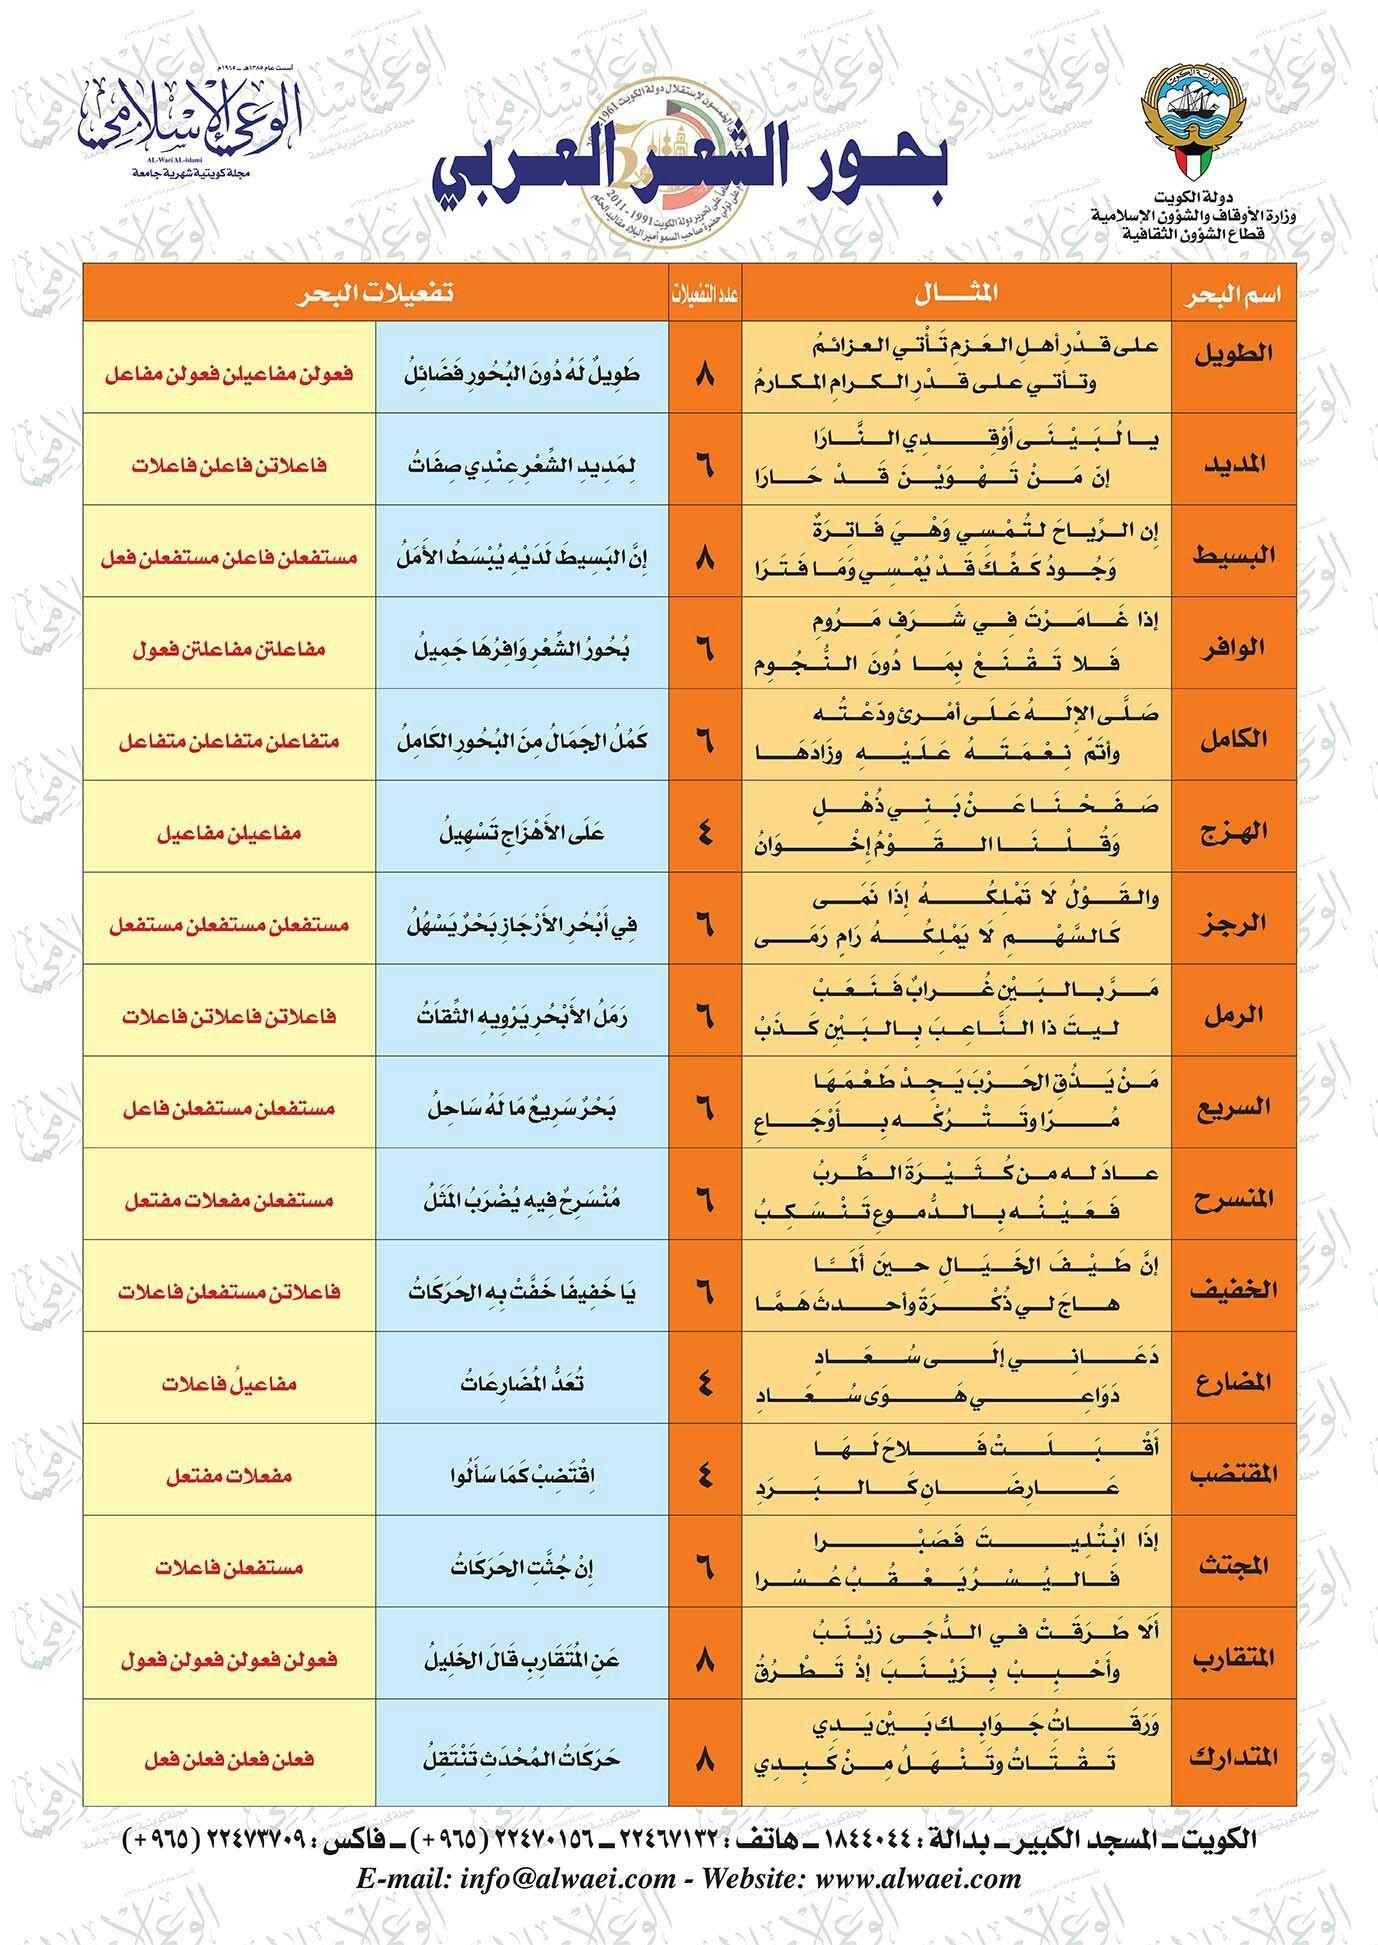 بحور الشعر العربي Learn Arabic Language Learning Arabic Arabic Language